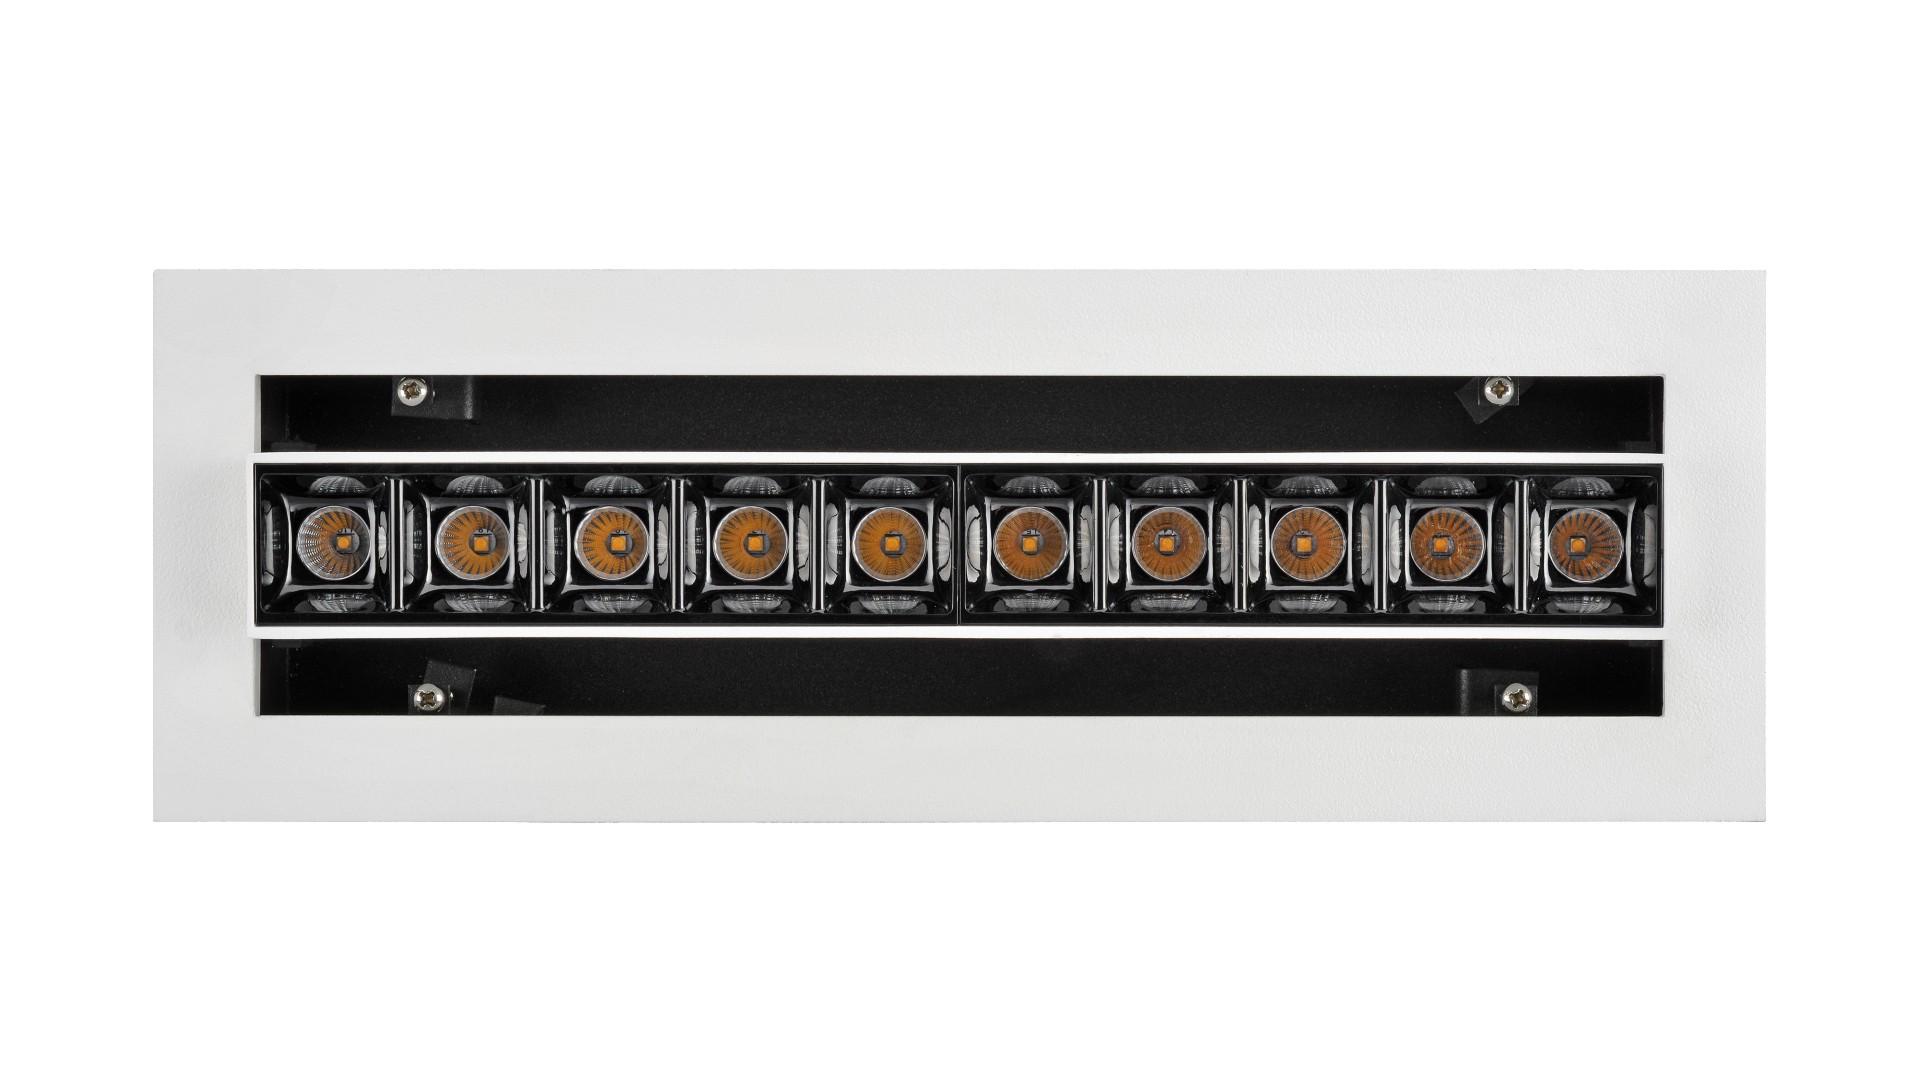 PNY-led spot light,led light fixtures | PNY